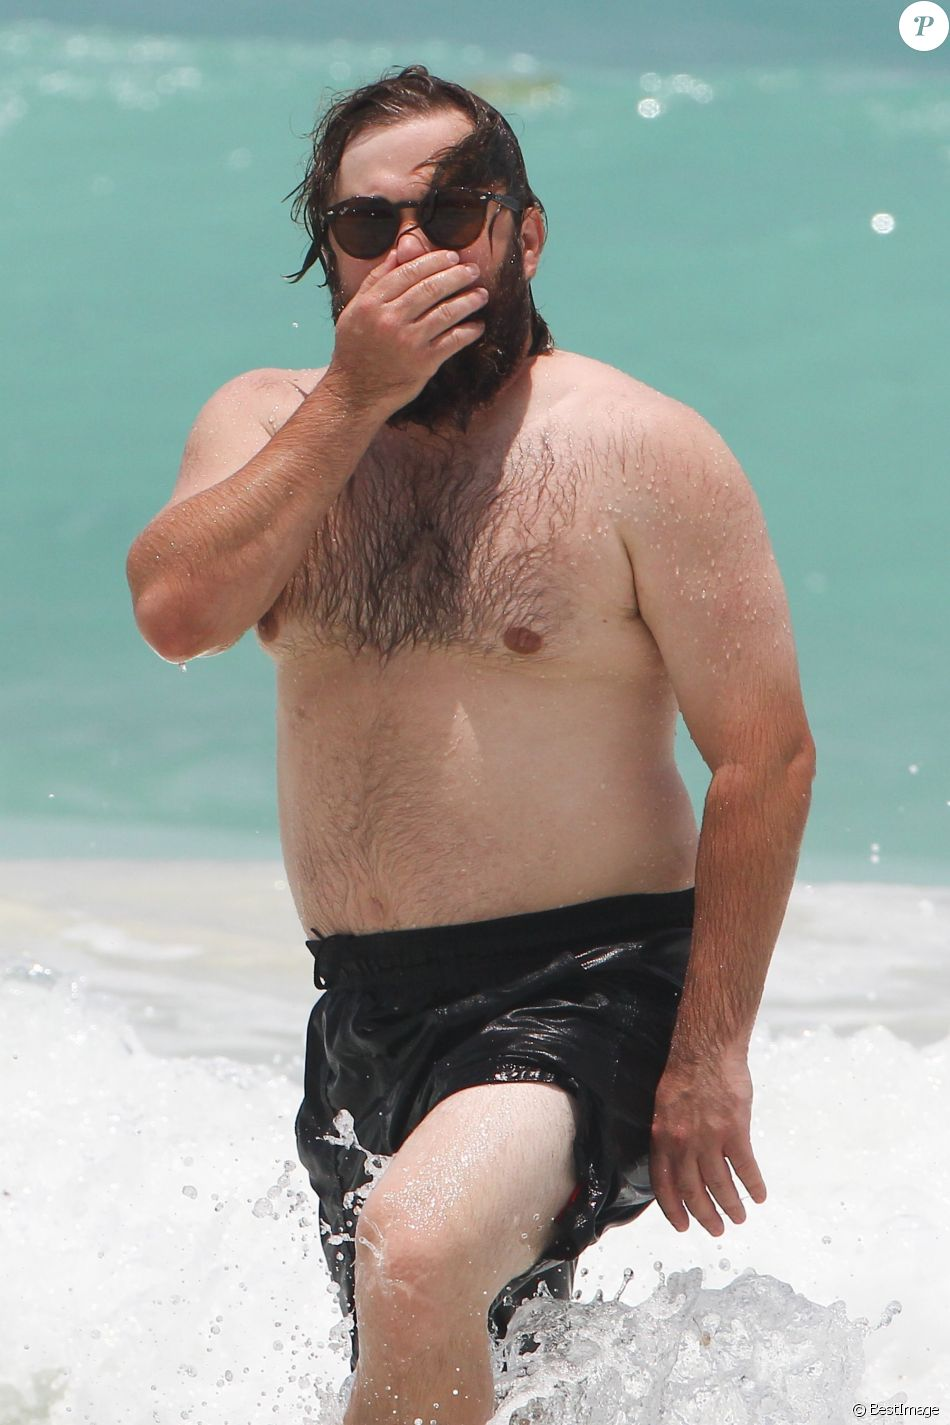 Exclusif - Haley Joel Osment s'amuse dans les vagues avec une mystérieuse inconnue lors de ses vacances à Cancun au Mexique, le 26 mai 2017